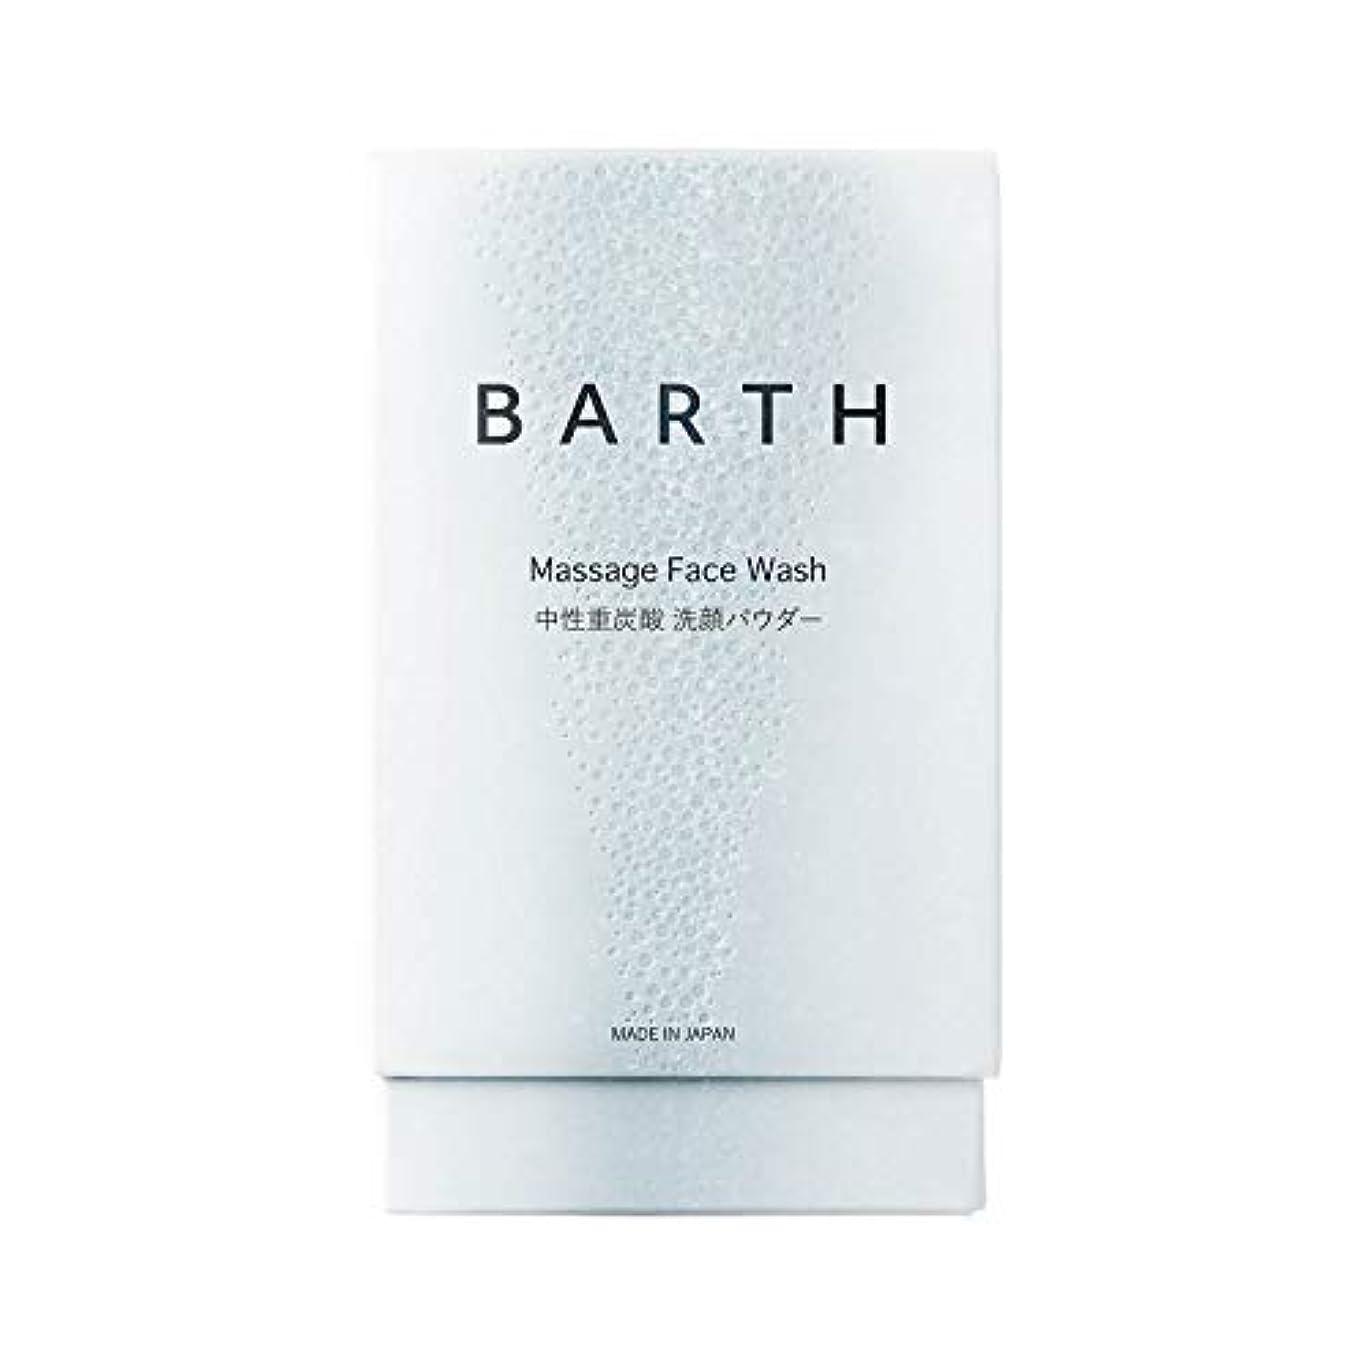 忘れるただやるテレビBARTH【バース】中性 重炭酸 洗顔パウダー 30包タイプ(無添加 炭酸パック 洗顔料 個包装タイプ)